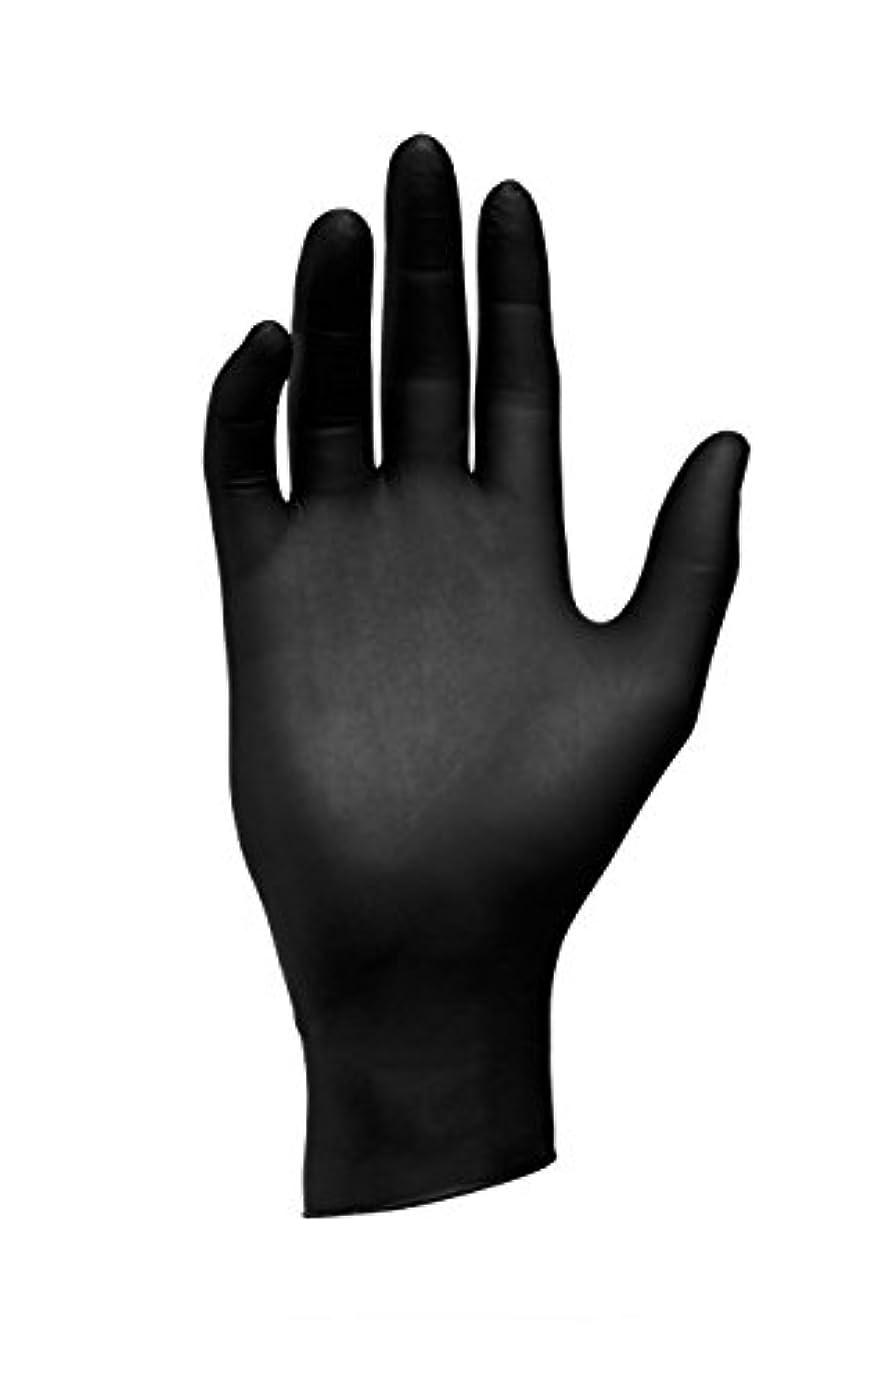 苦しむこっそりハードエバーメイト センパーガード ニトリルブラックグローブ ブラック S(6.0~6.5インチ)甲幅8cm 100枚入 6個セット